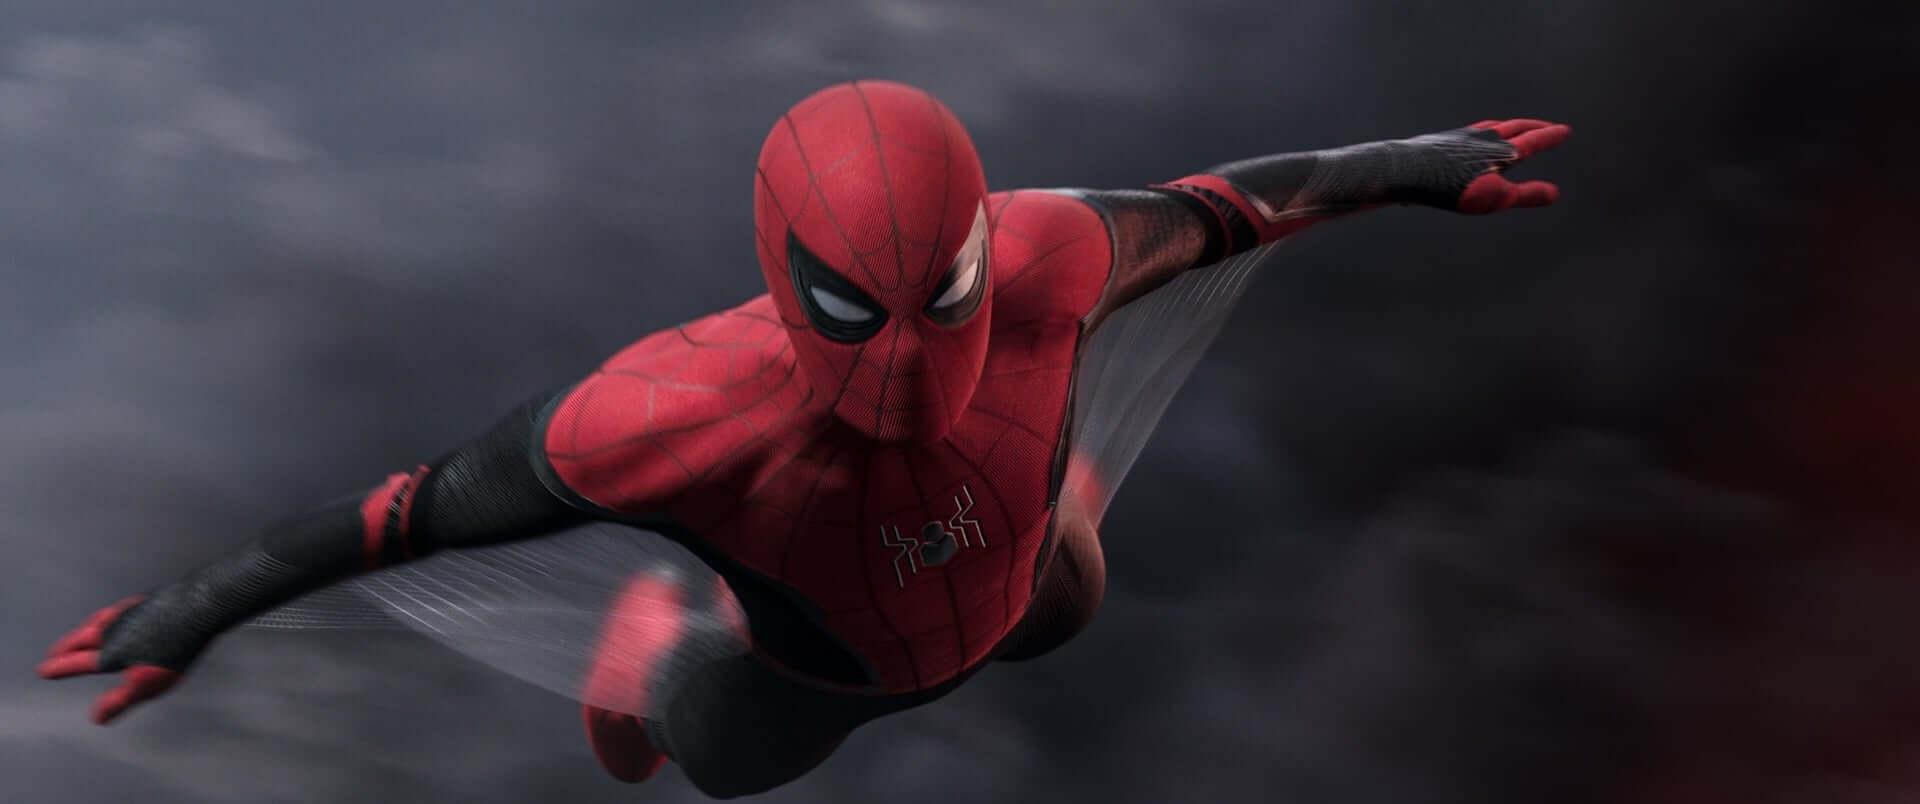 「スパイダーマン」旋風が巻き起こる!『スパイダーマン:ファー・フロム・ホーム』公開3日で興収10億円突破 film190701_sffh_5-1920x804